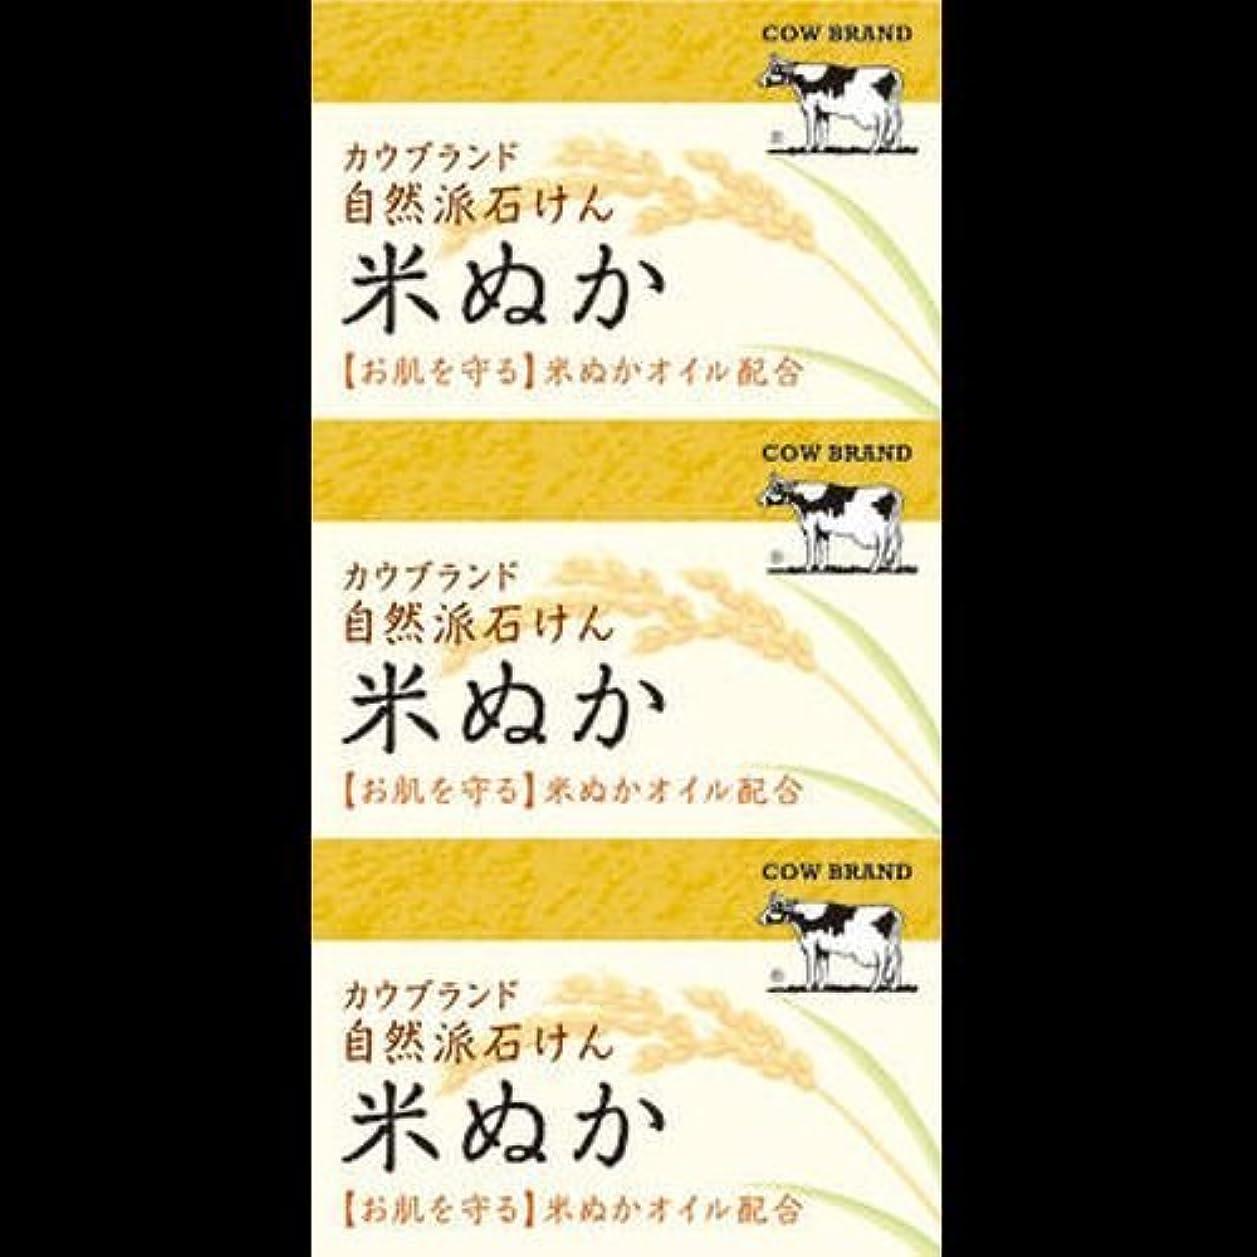 ビバ宝石水分【まとめ買い】カウブランド 自然派石けん 米ぬか 100g*3個 ×2セット